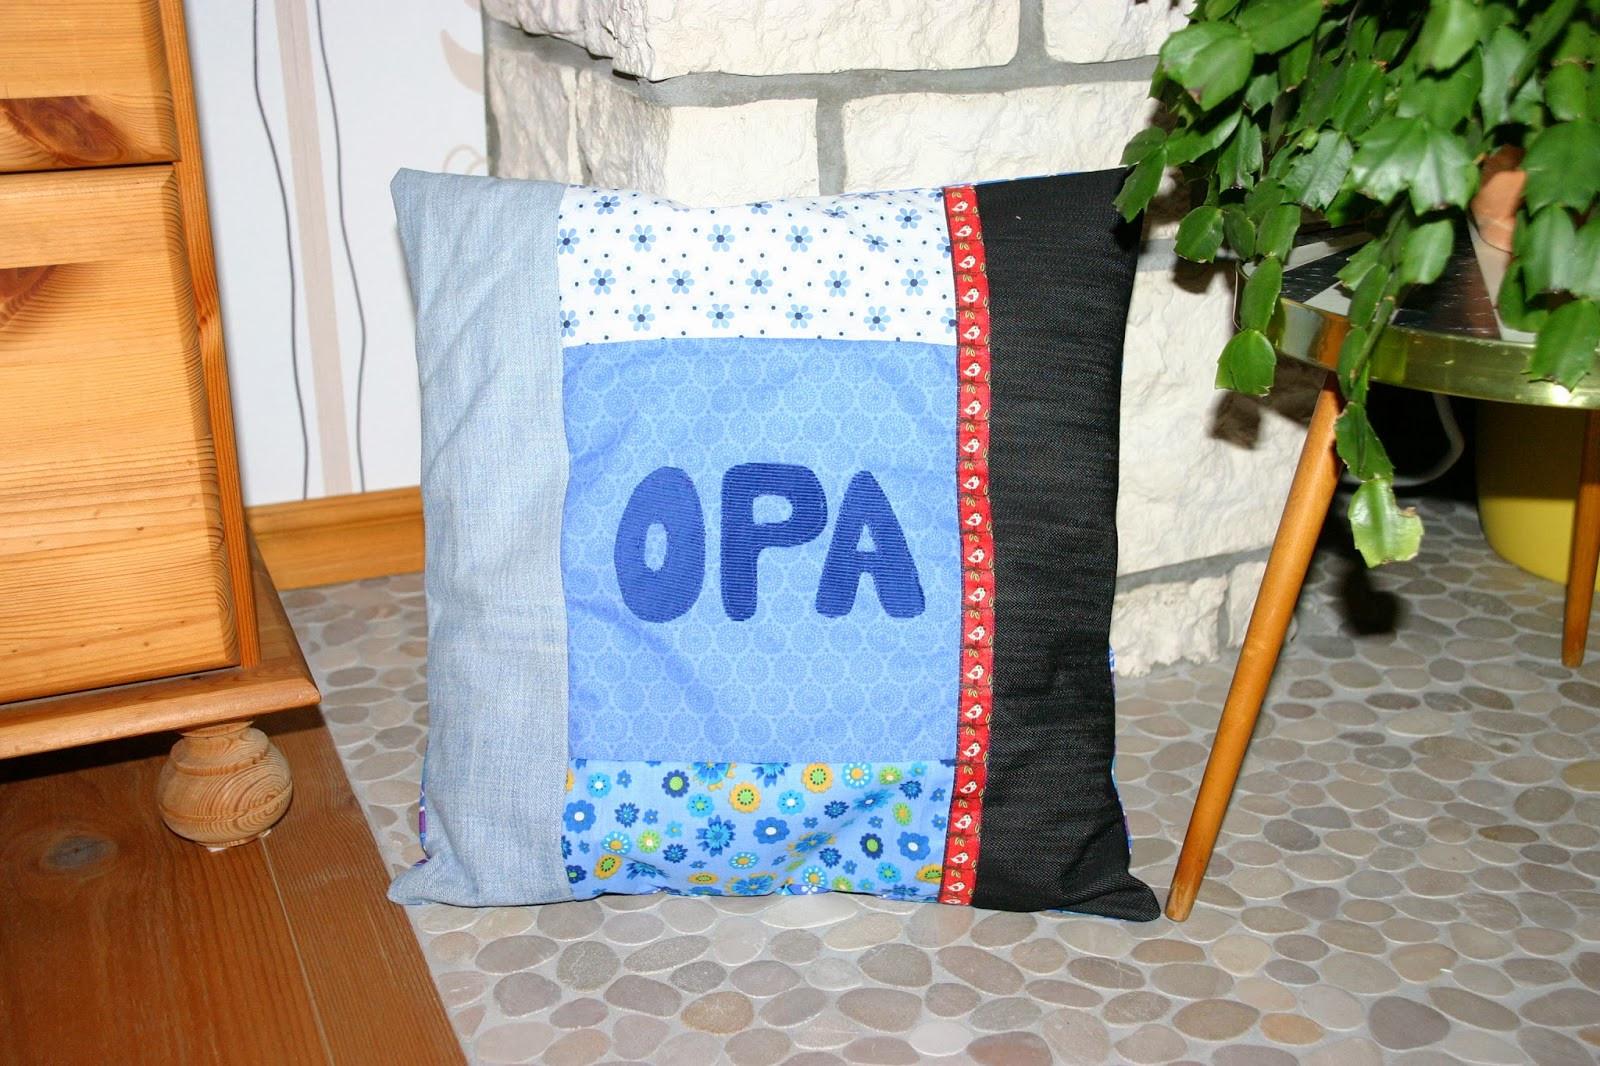 Geburtstagsgeschenk Für Opa  Wunderpilz Geburtstagsgeschenk für Opa